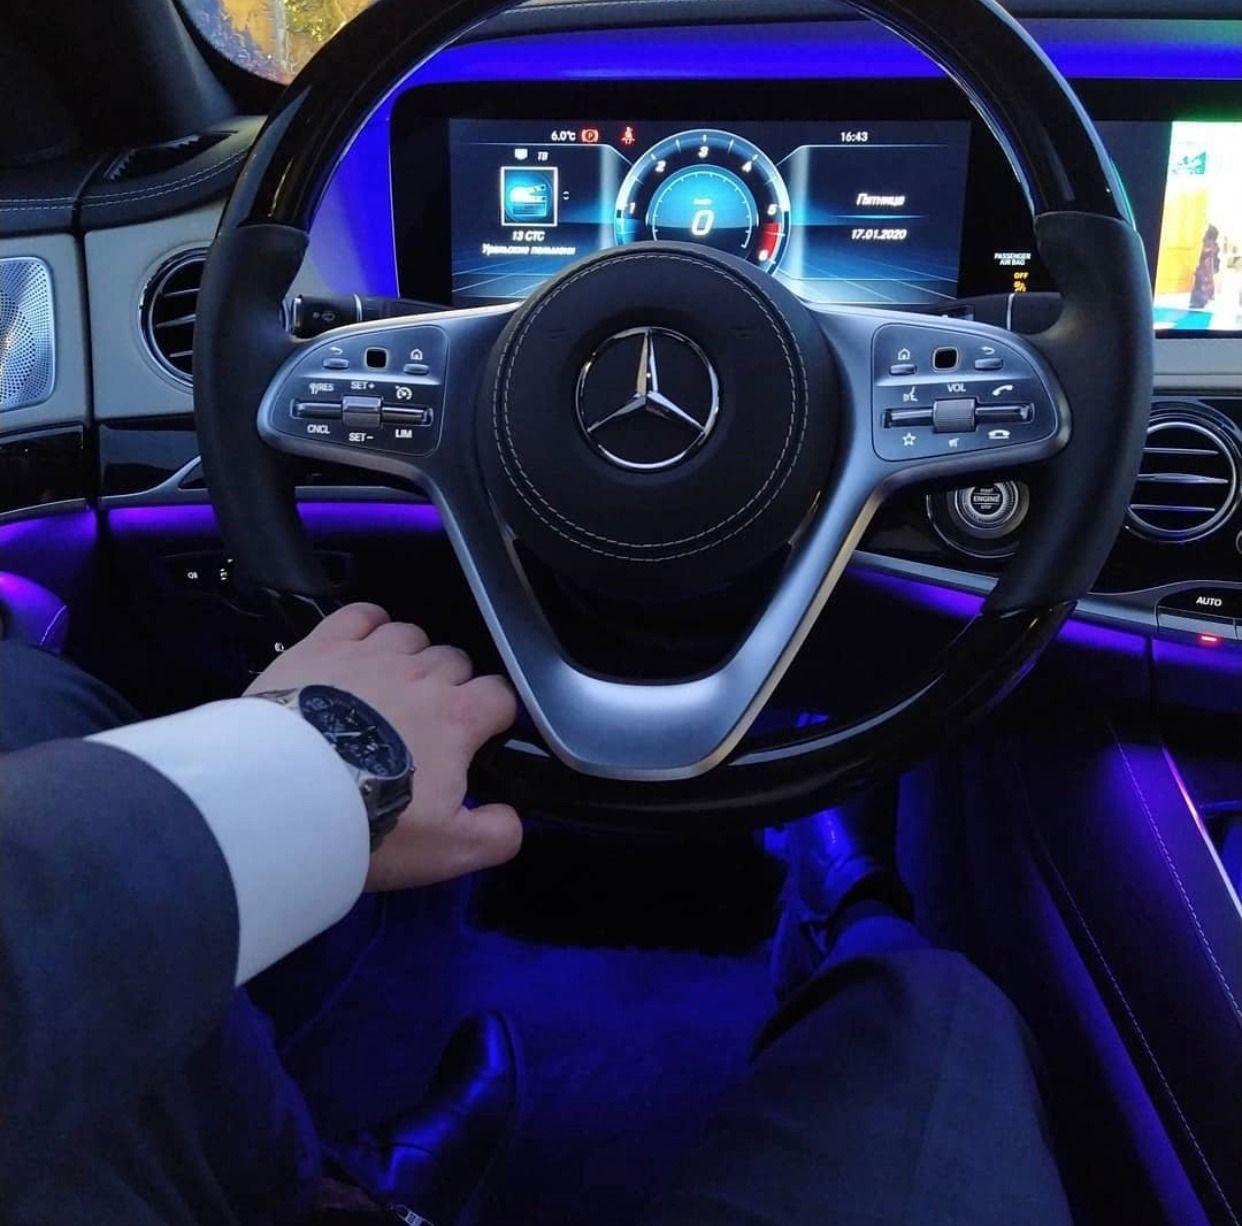 Luxury Chauffeur Services In 2020 Chauffeur Service Chauffeur Car Hire